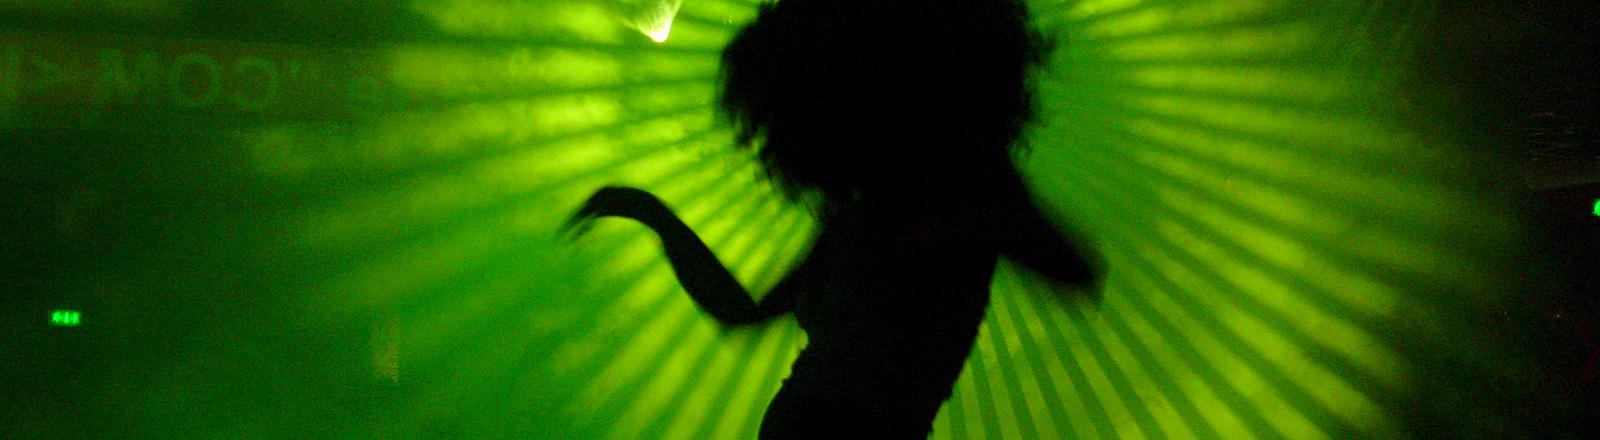 Tänzerin im Club